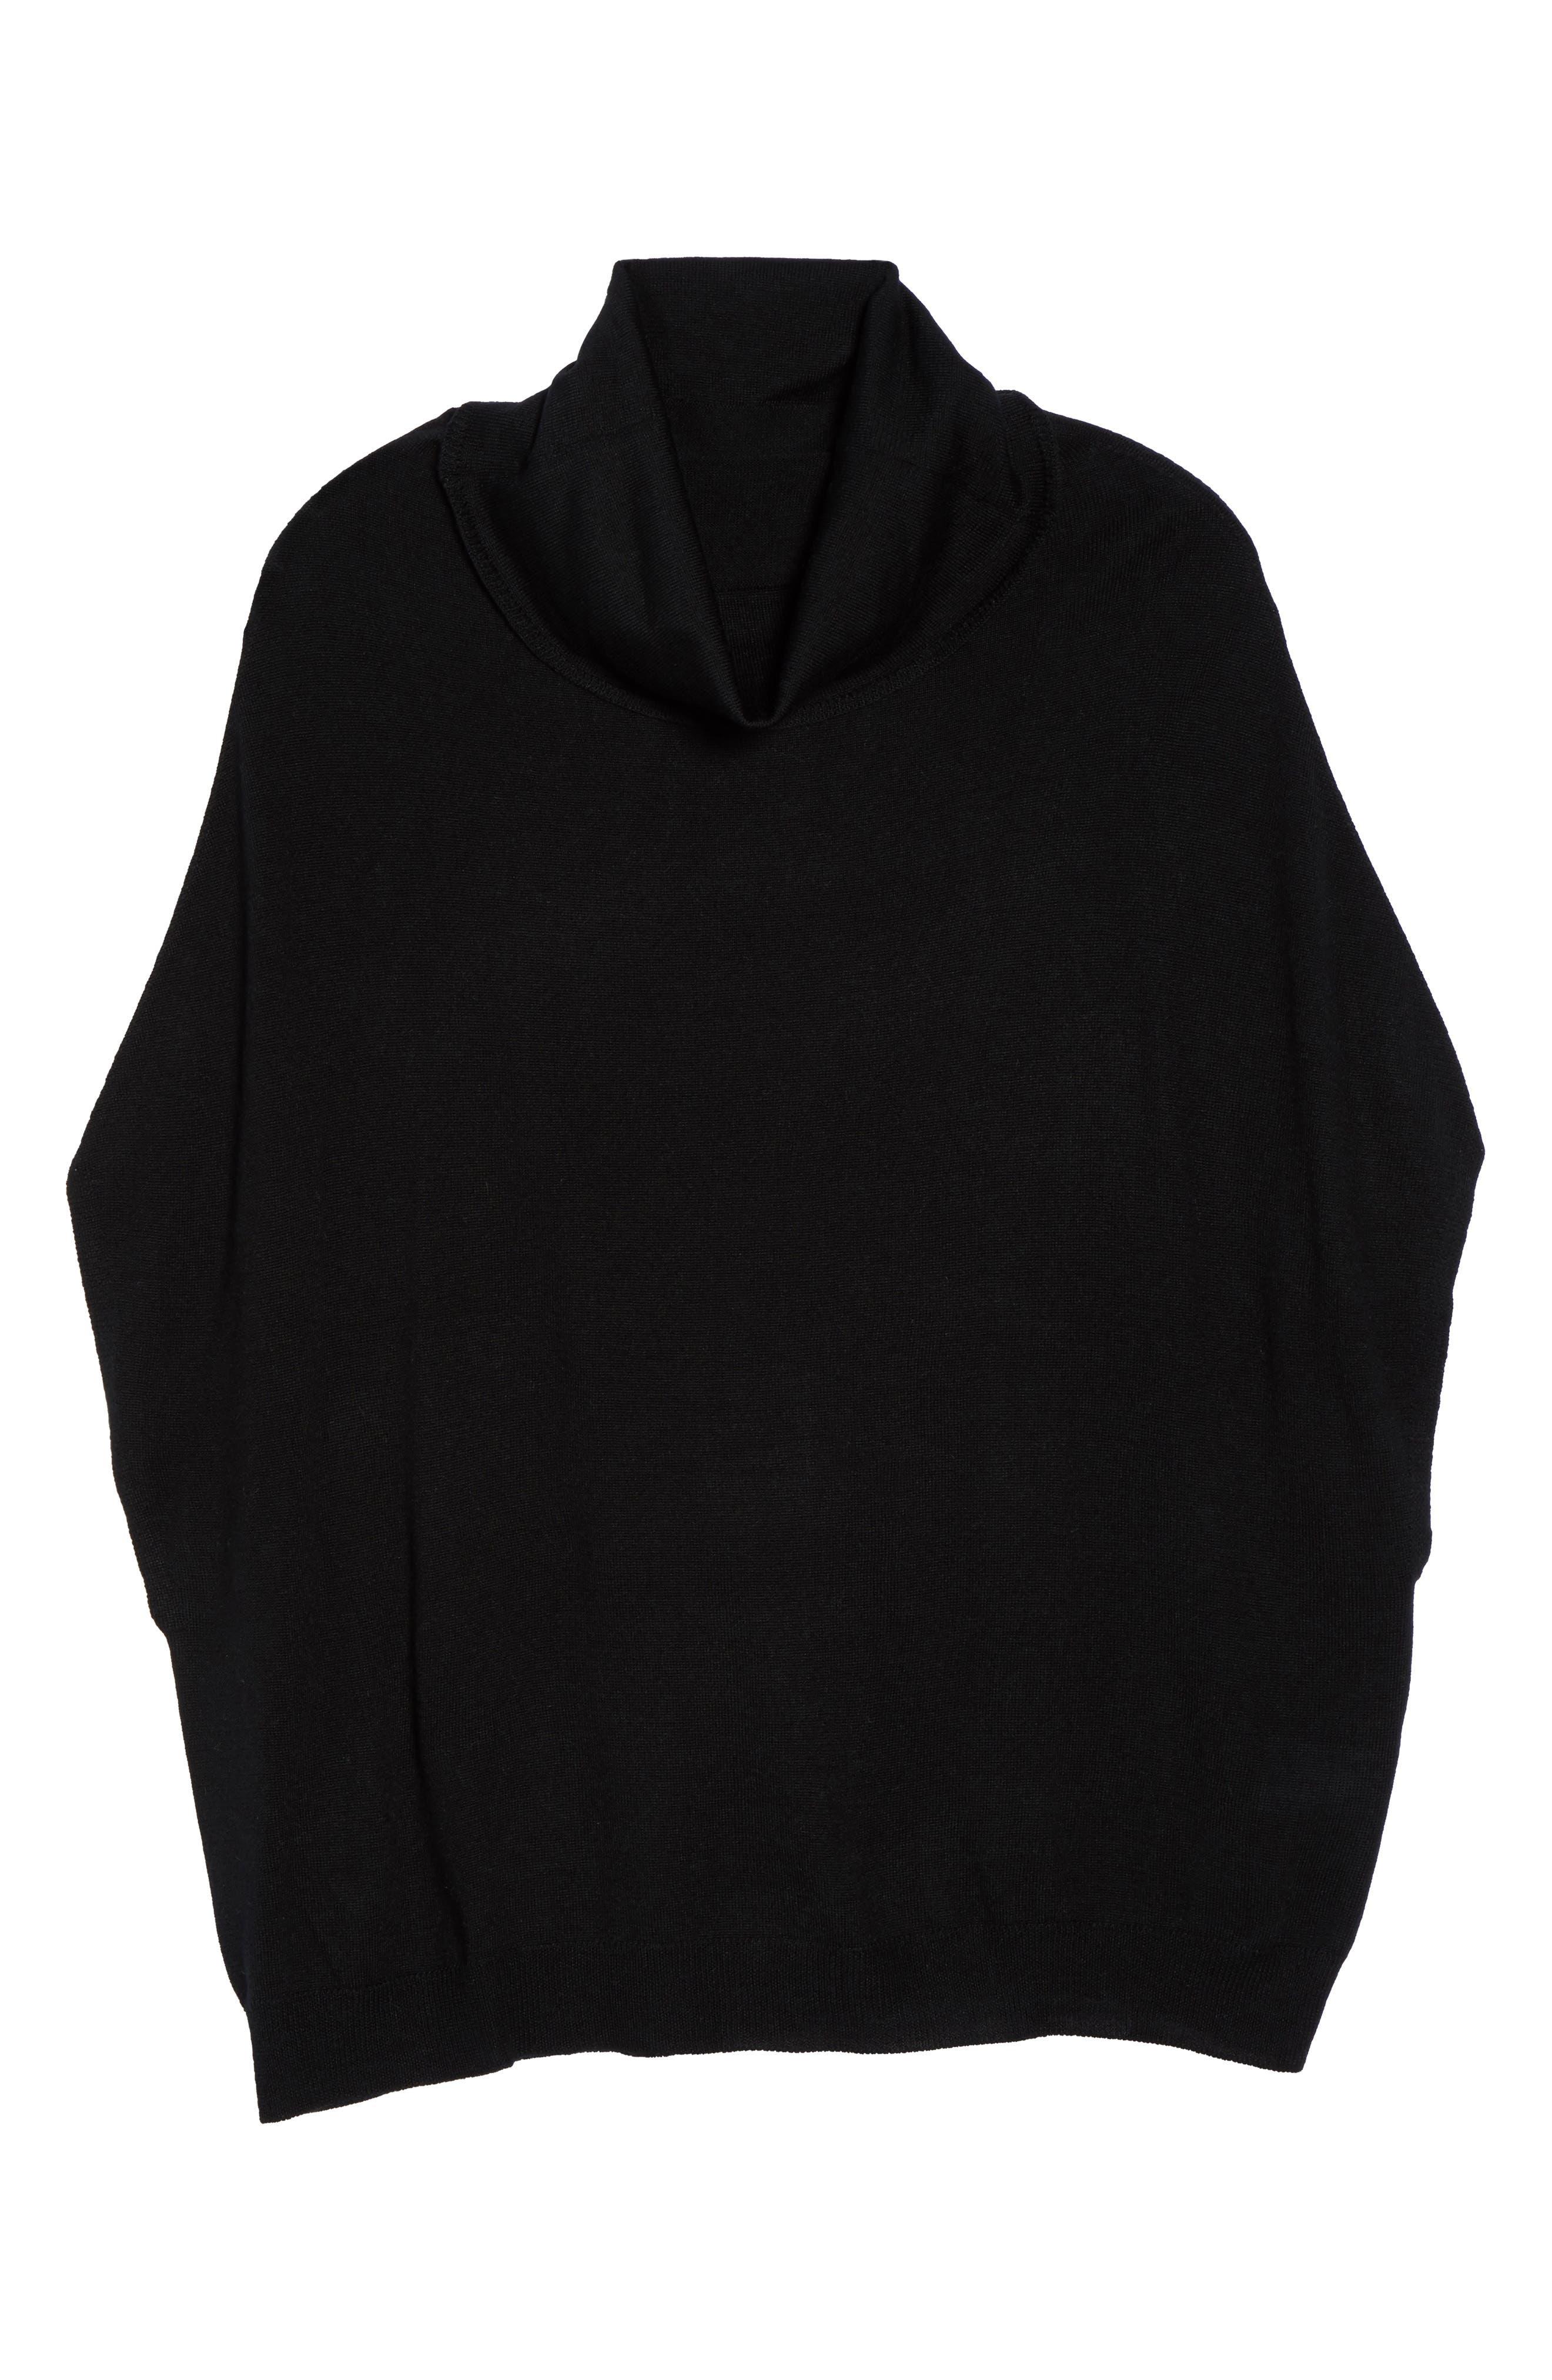 SLINK Jeans Merino Wool Blend Turtleneck Sweater (Plus Size)